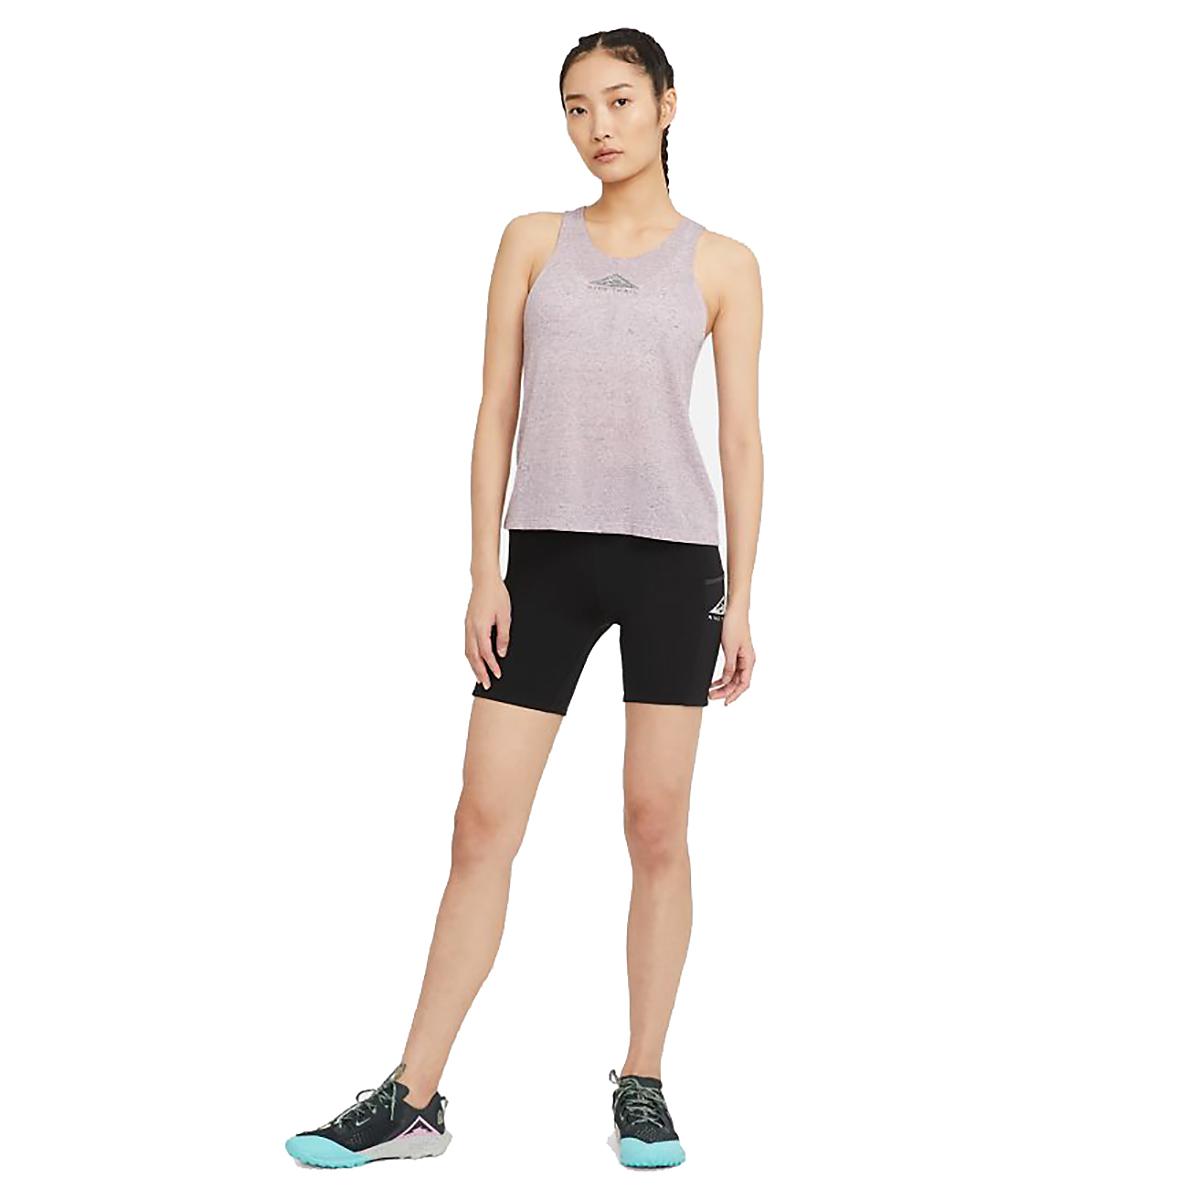 Women's Nike City Sleek Trail Running Tank, , large, image 3